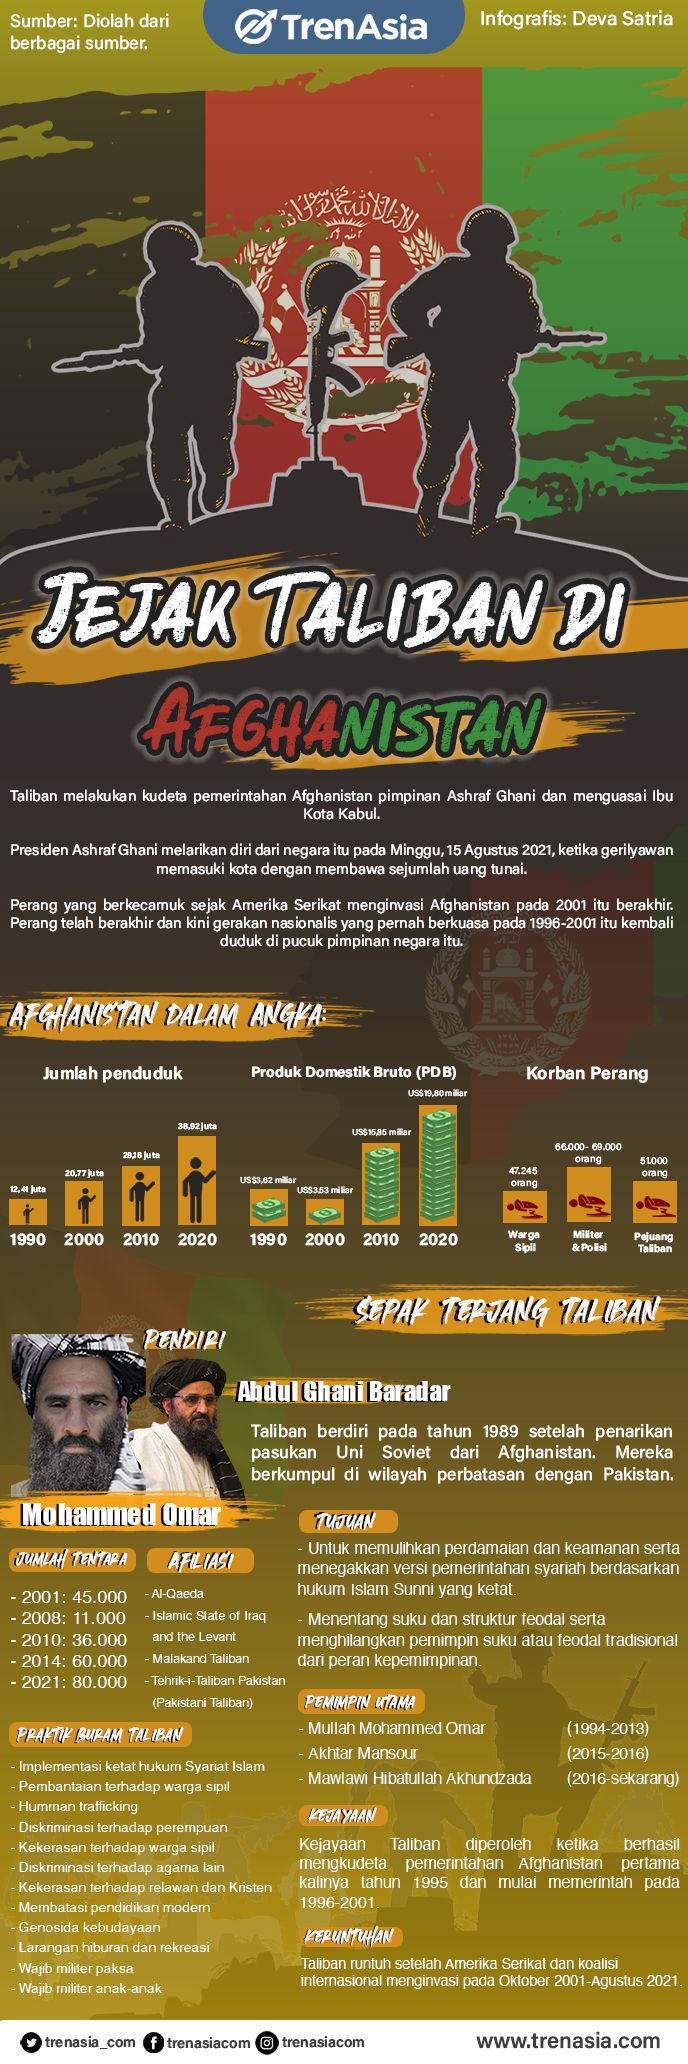 Jejak Taliban di Afghanistan (1).jpg